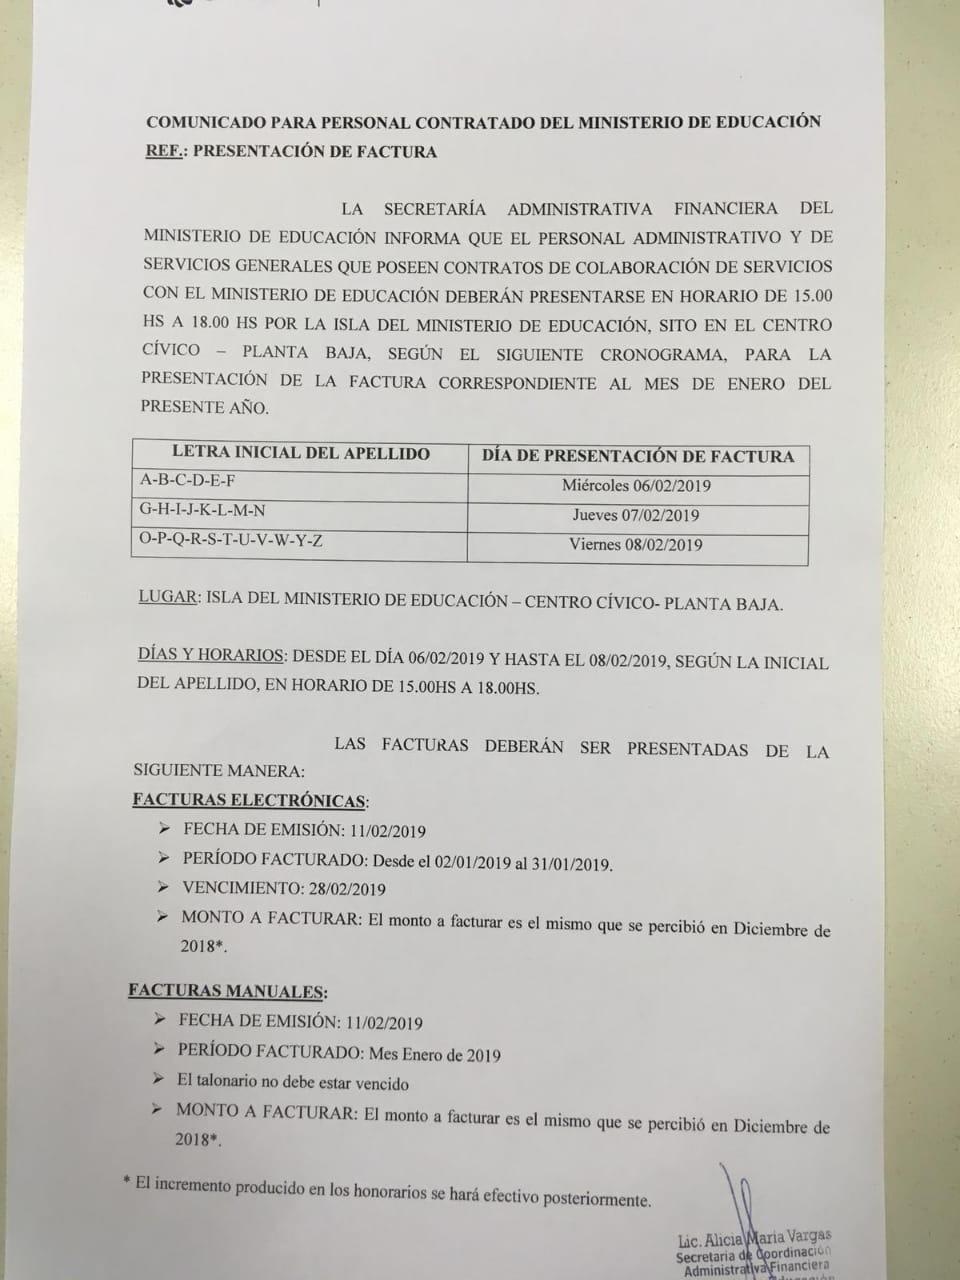 El Ministerio de Educación informa fechas de facturación y pago para el personal contratado administrativo y de Servicios